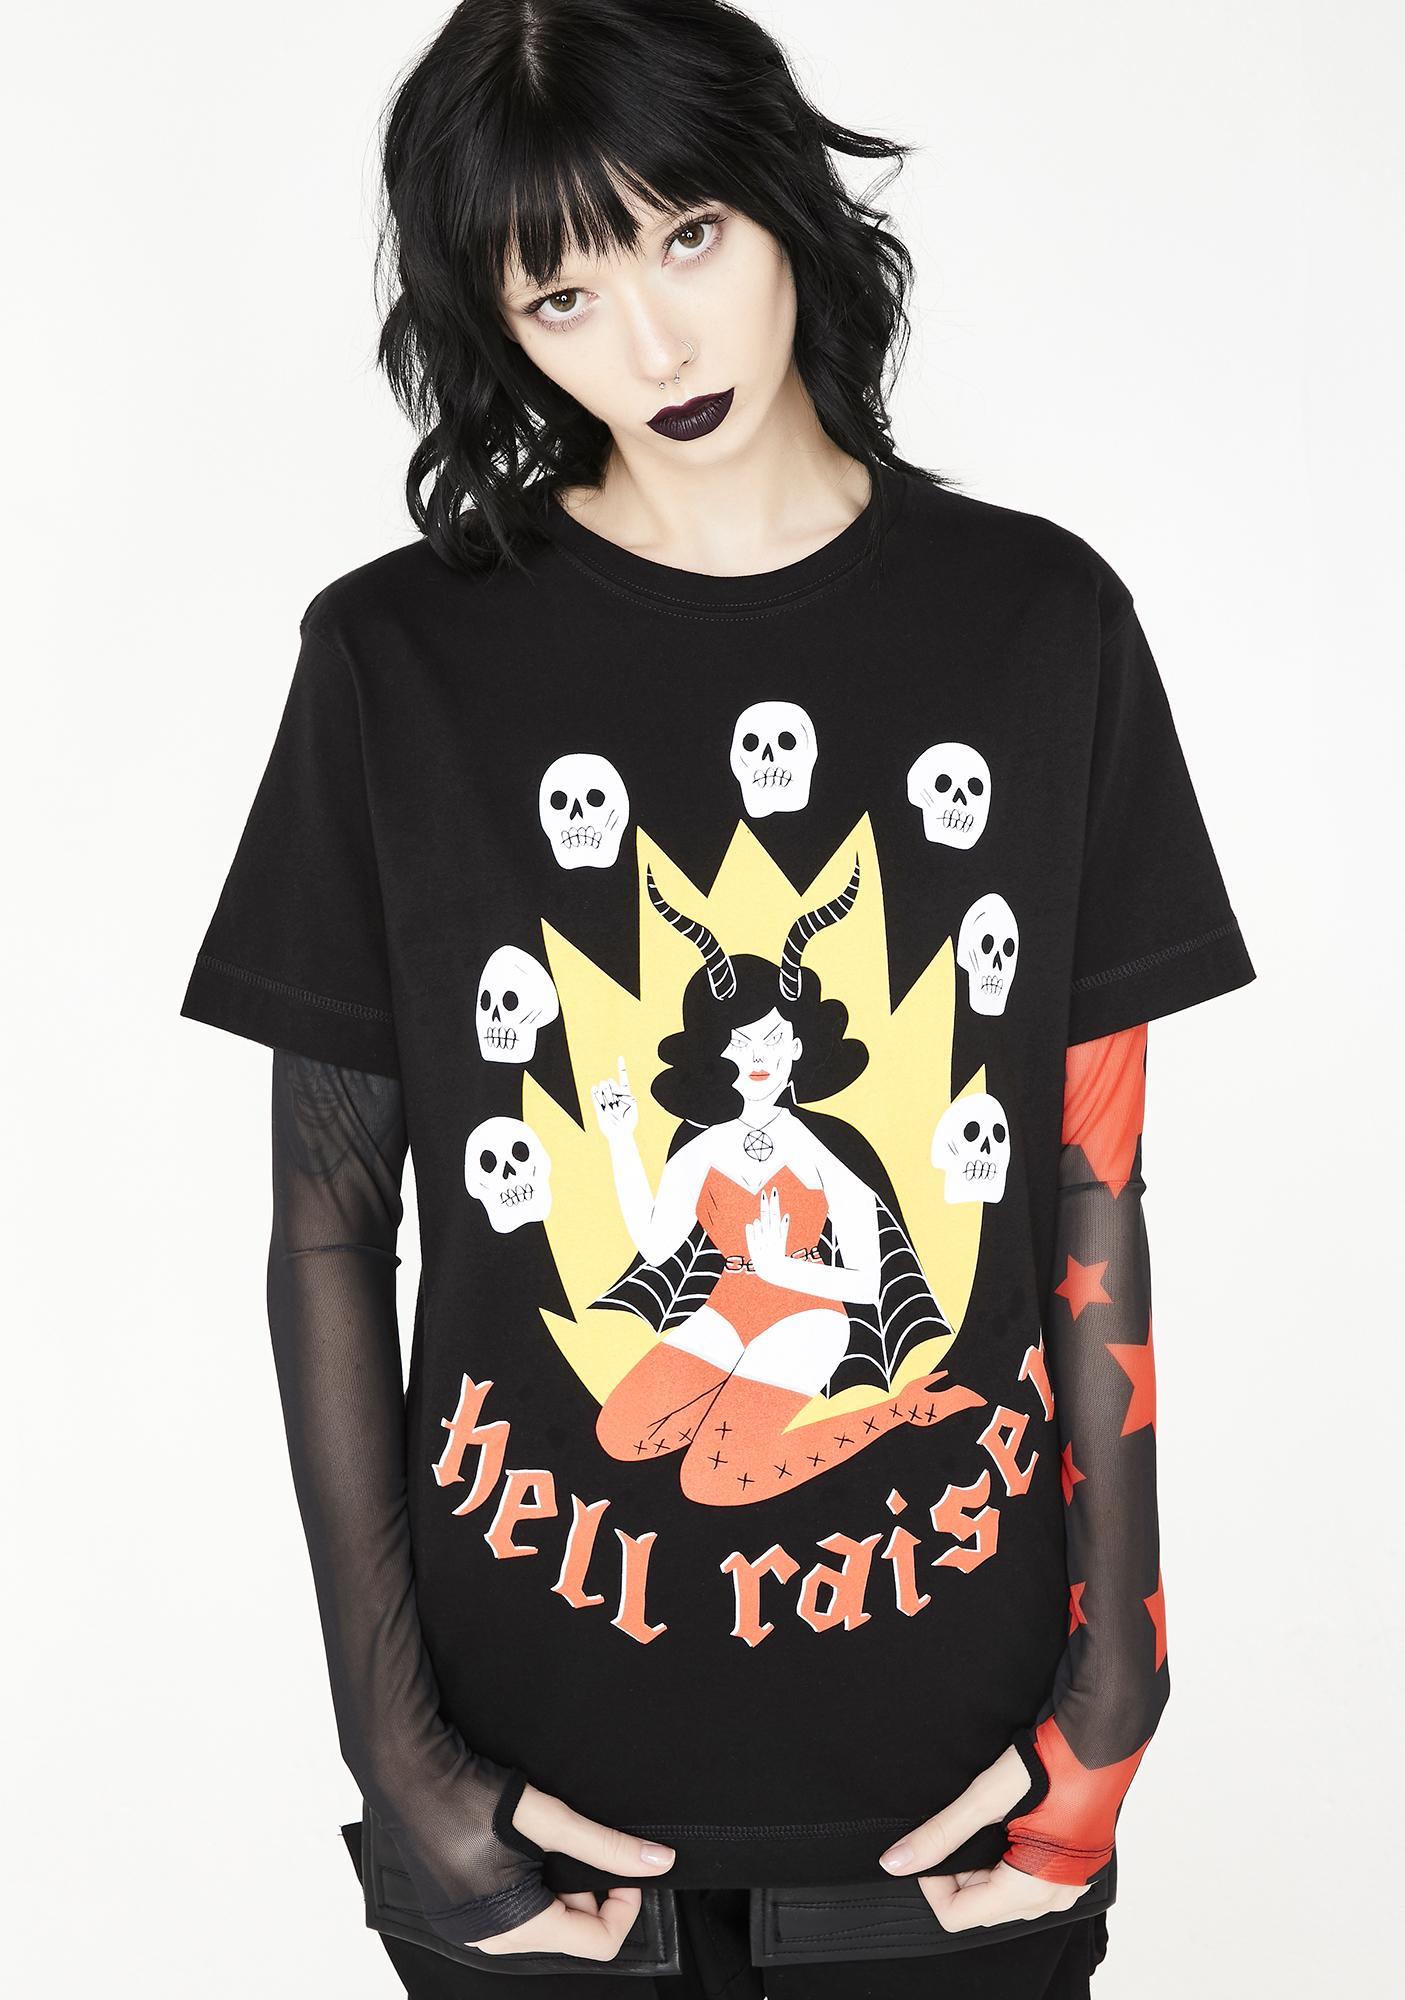 Disturbia Hell Raiser T-Shirt